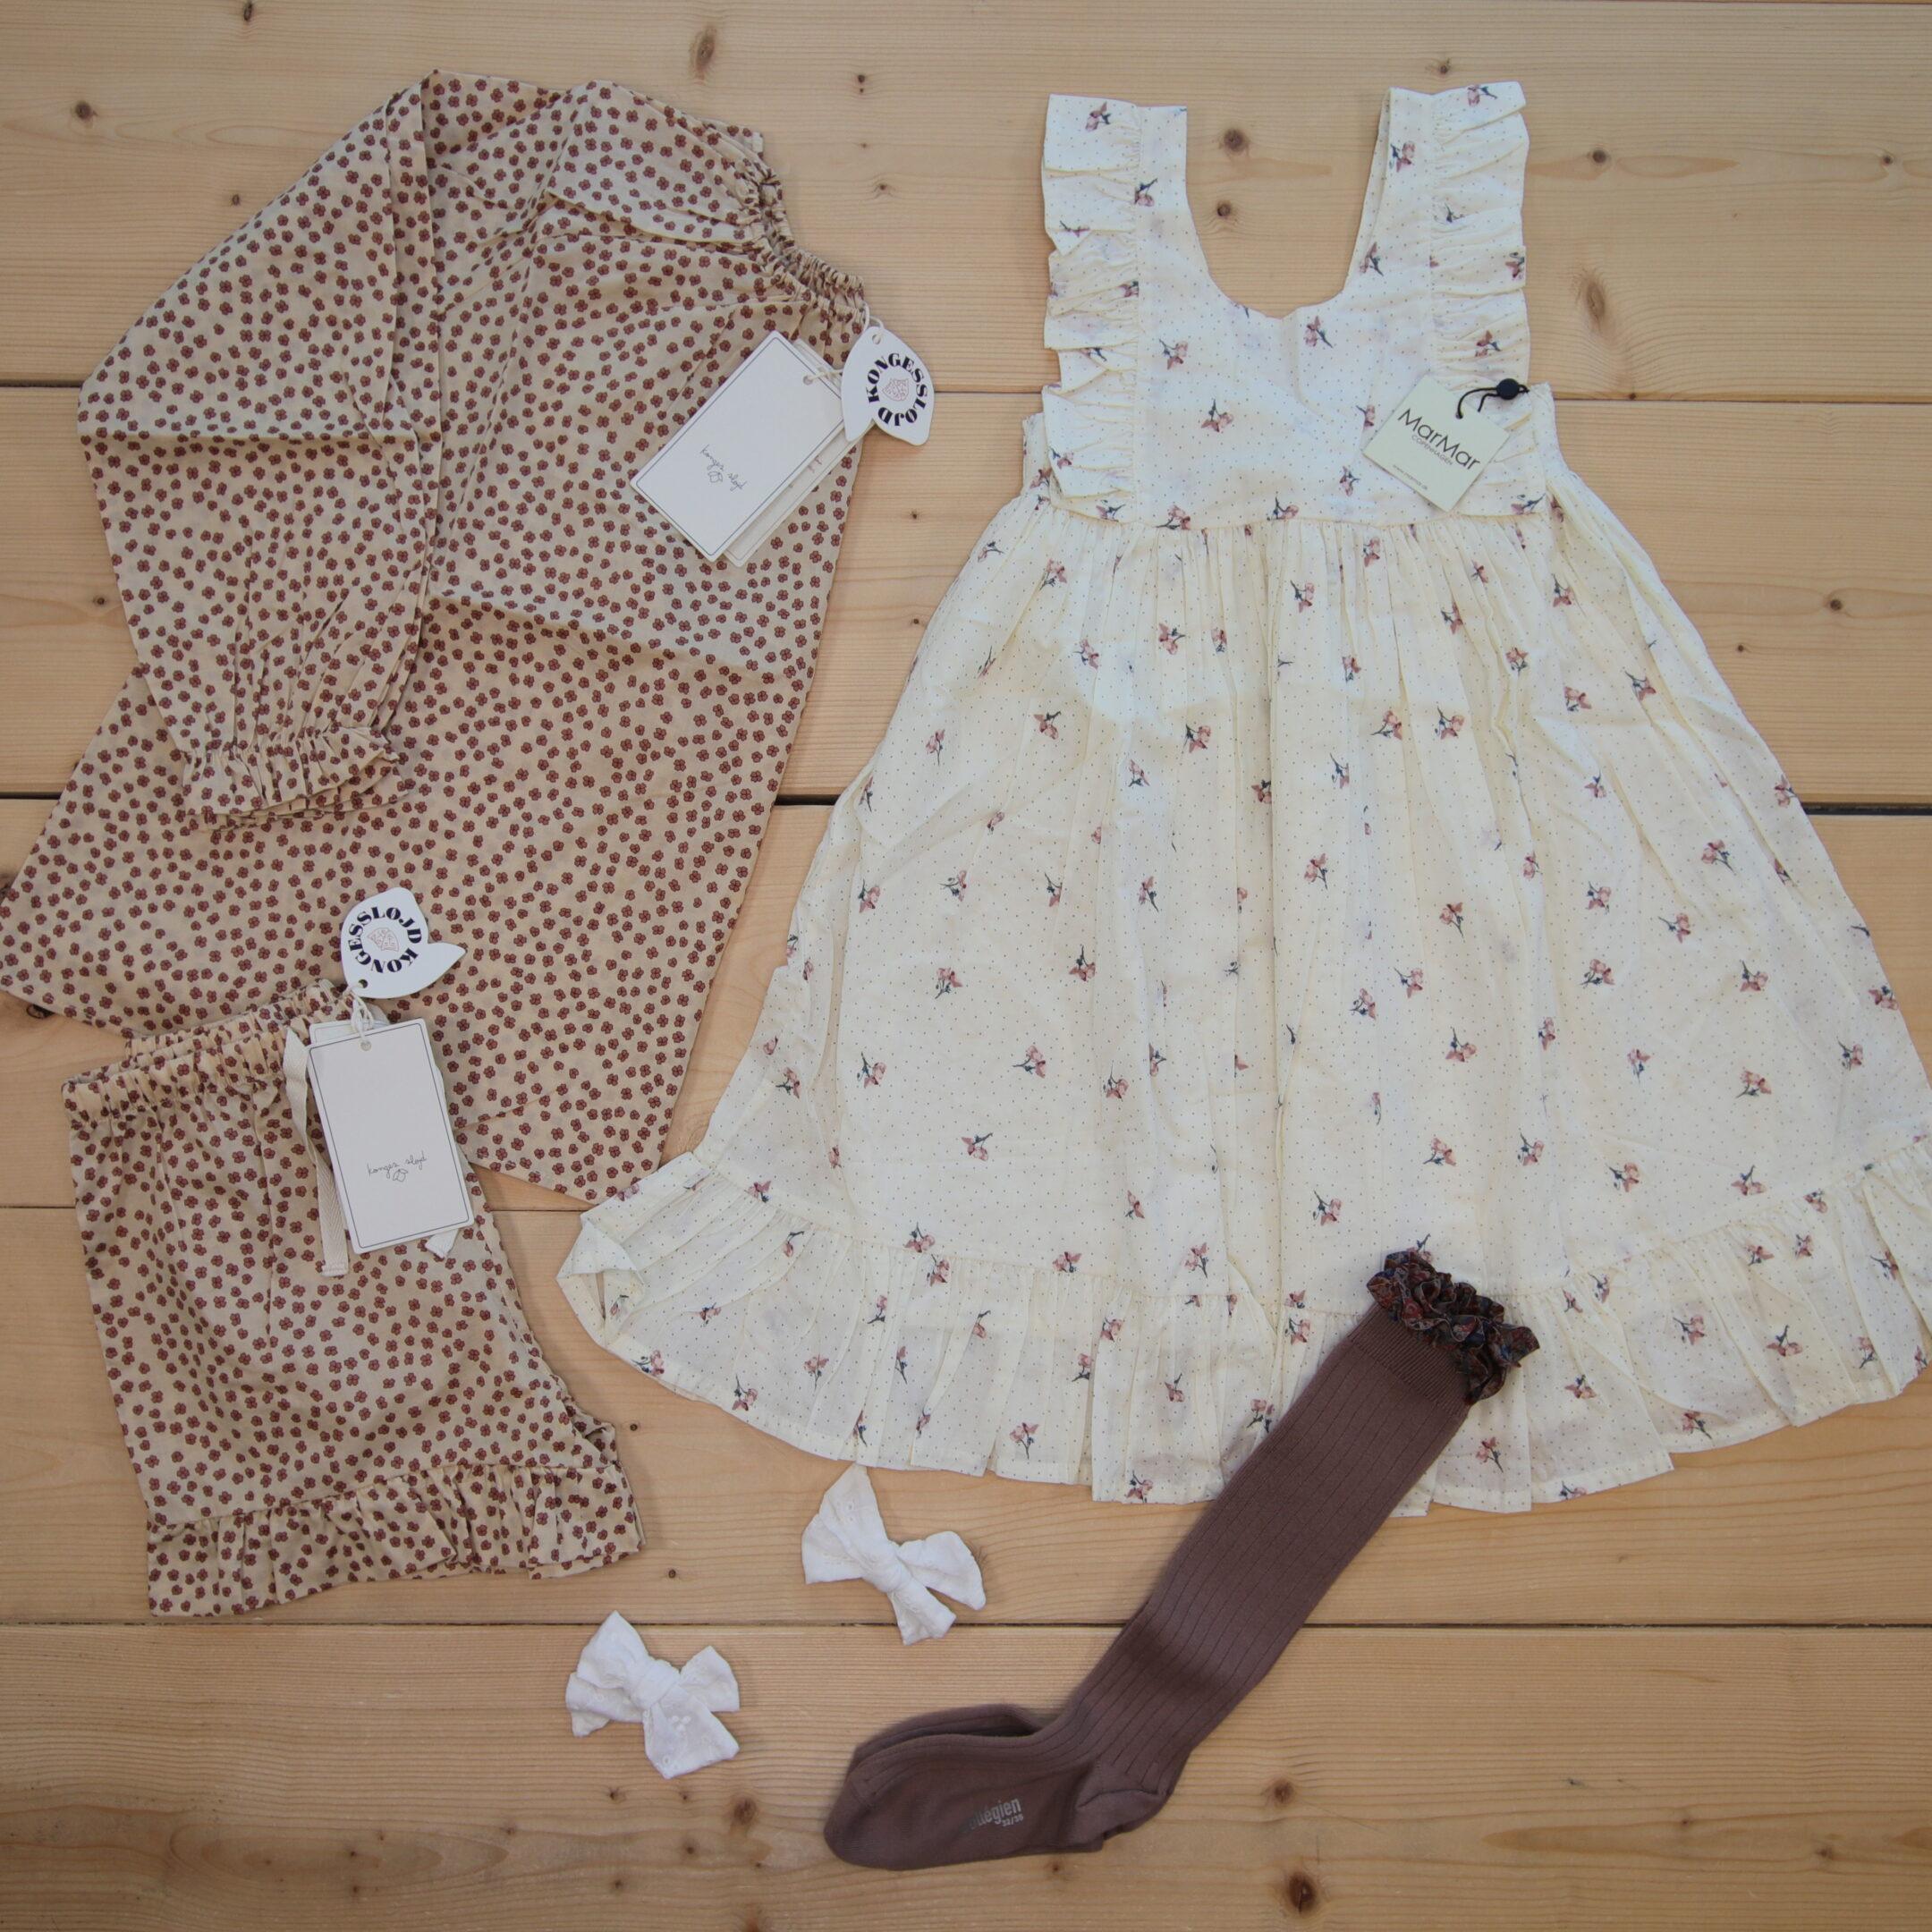 Dette er Småpakke som vi forberedte for en jente i stilen cute